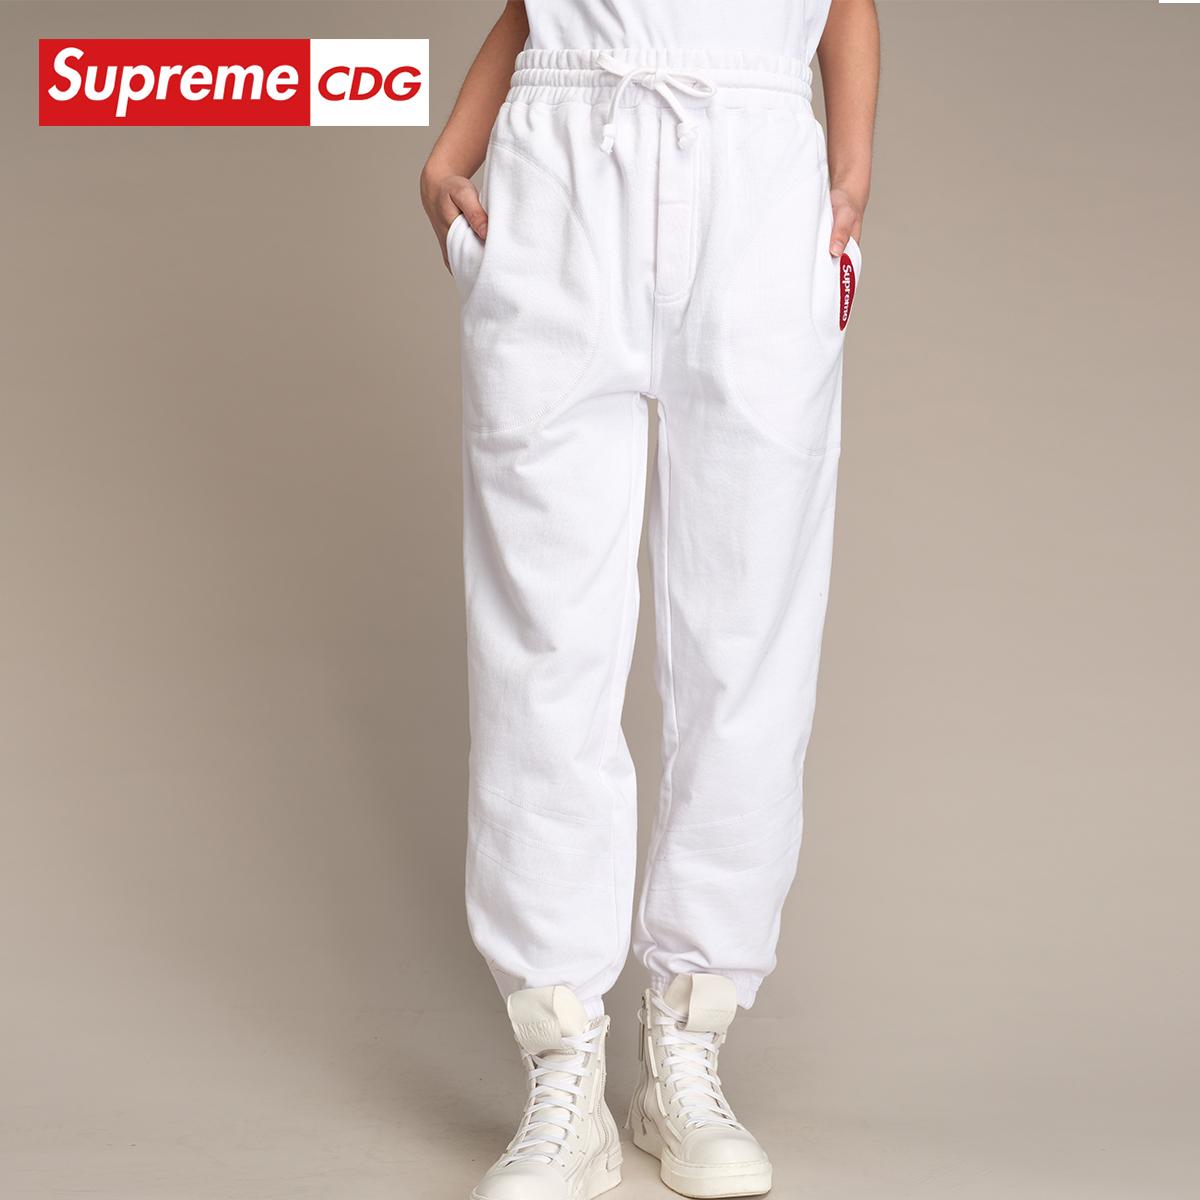 Supreme CDG 2020年春季新款街头百搭白色黑色卫裤休闲裤运动裤